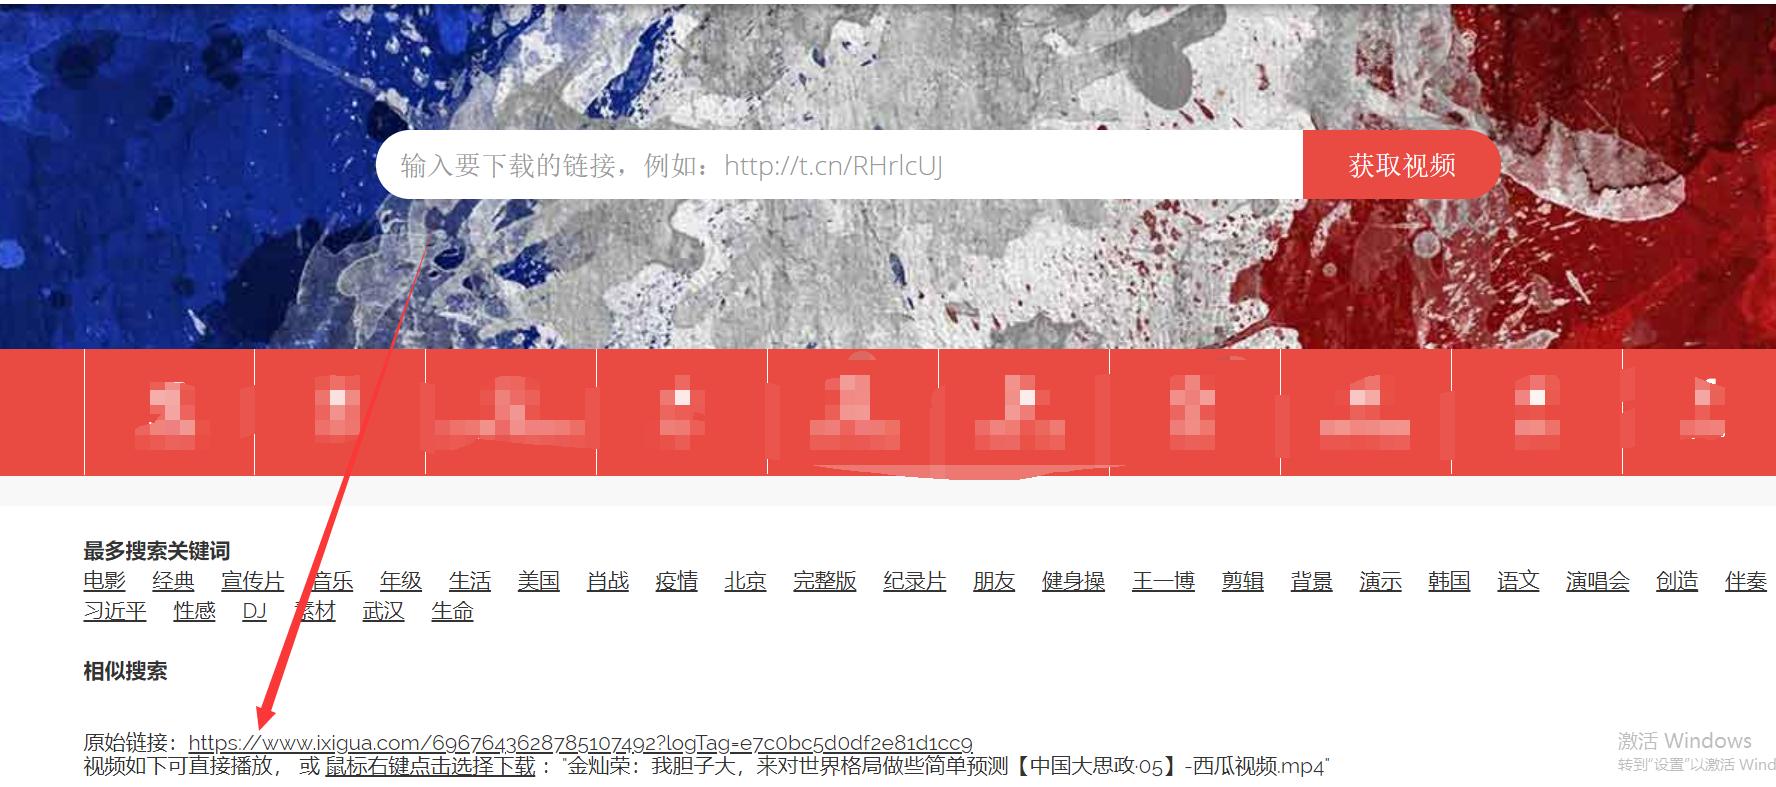 图4:视频解析网站